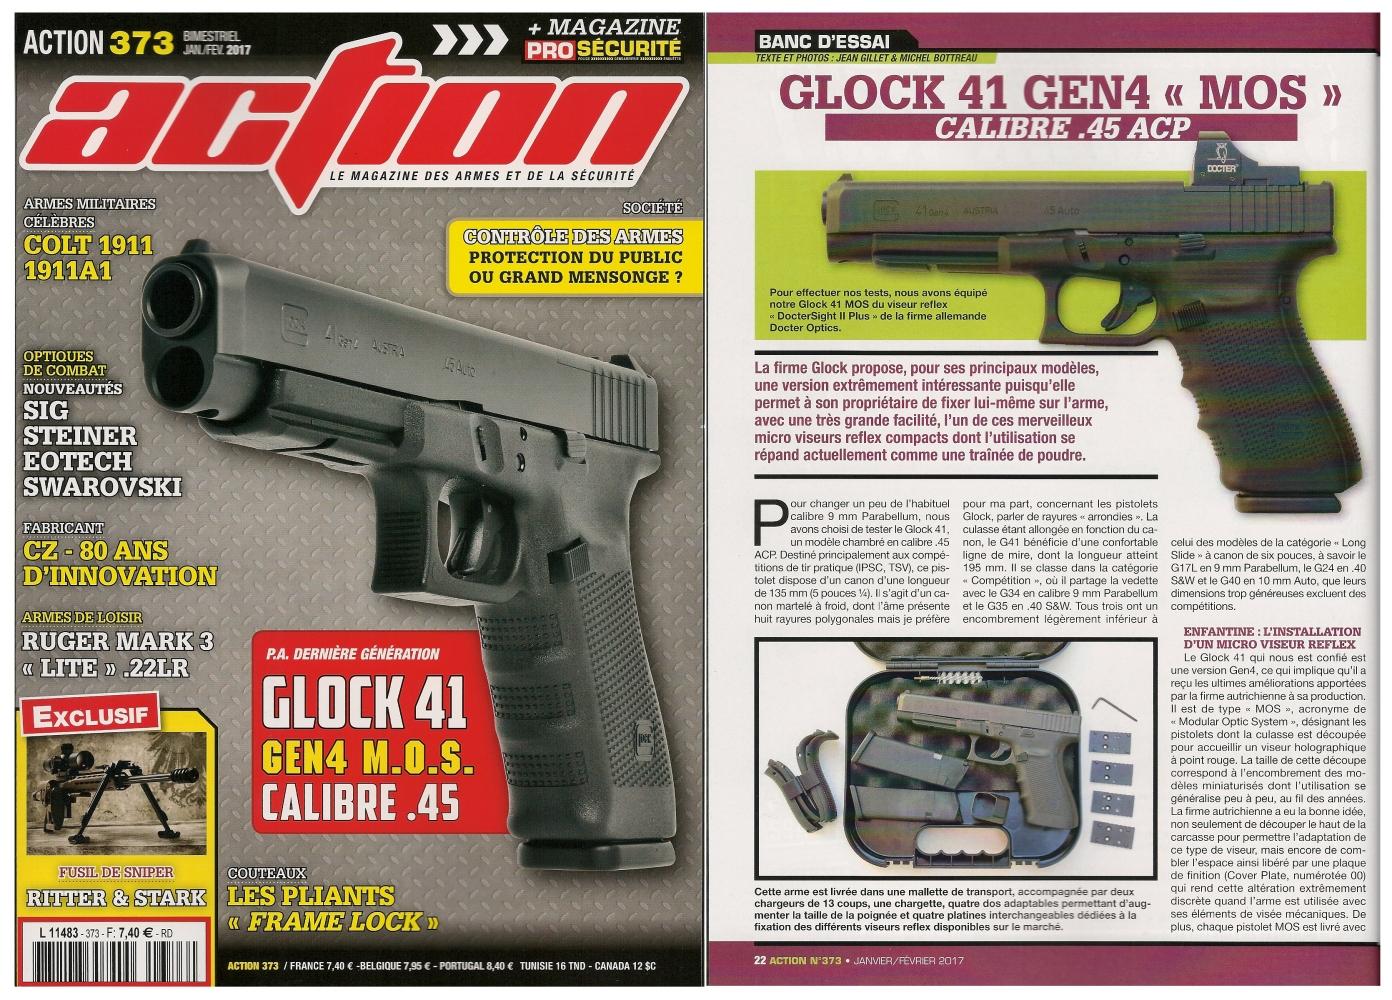 Le banc d'essai du pistolet Glock modèle 41 « MOS » a été publié sur 6 pages dans le magazine Action n°373 (janvier/février 2017).